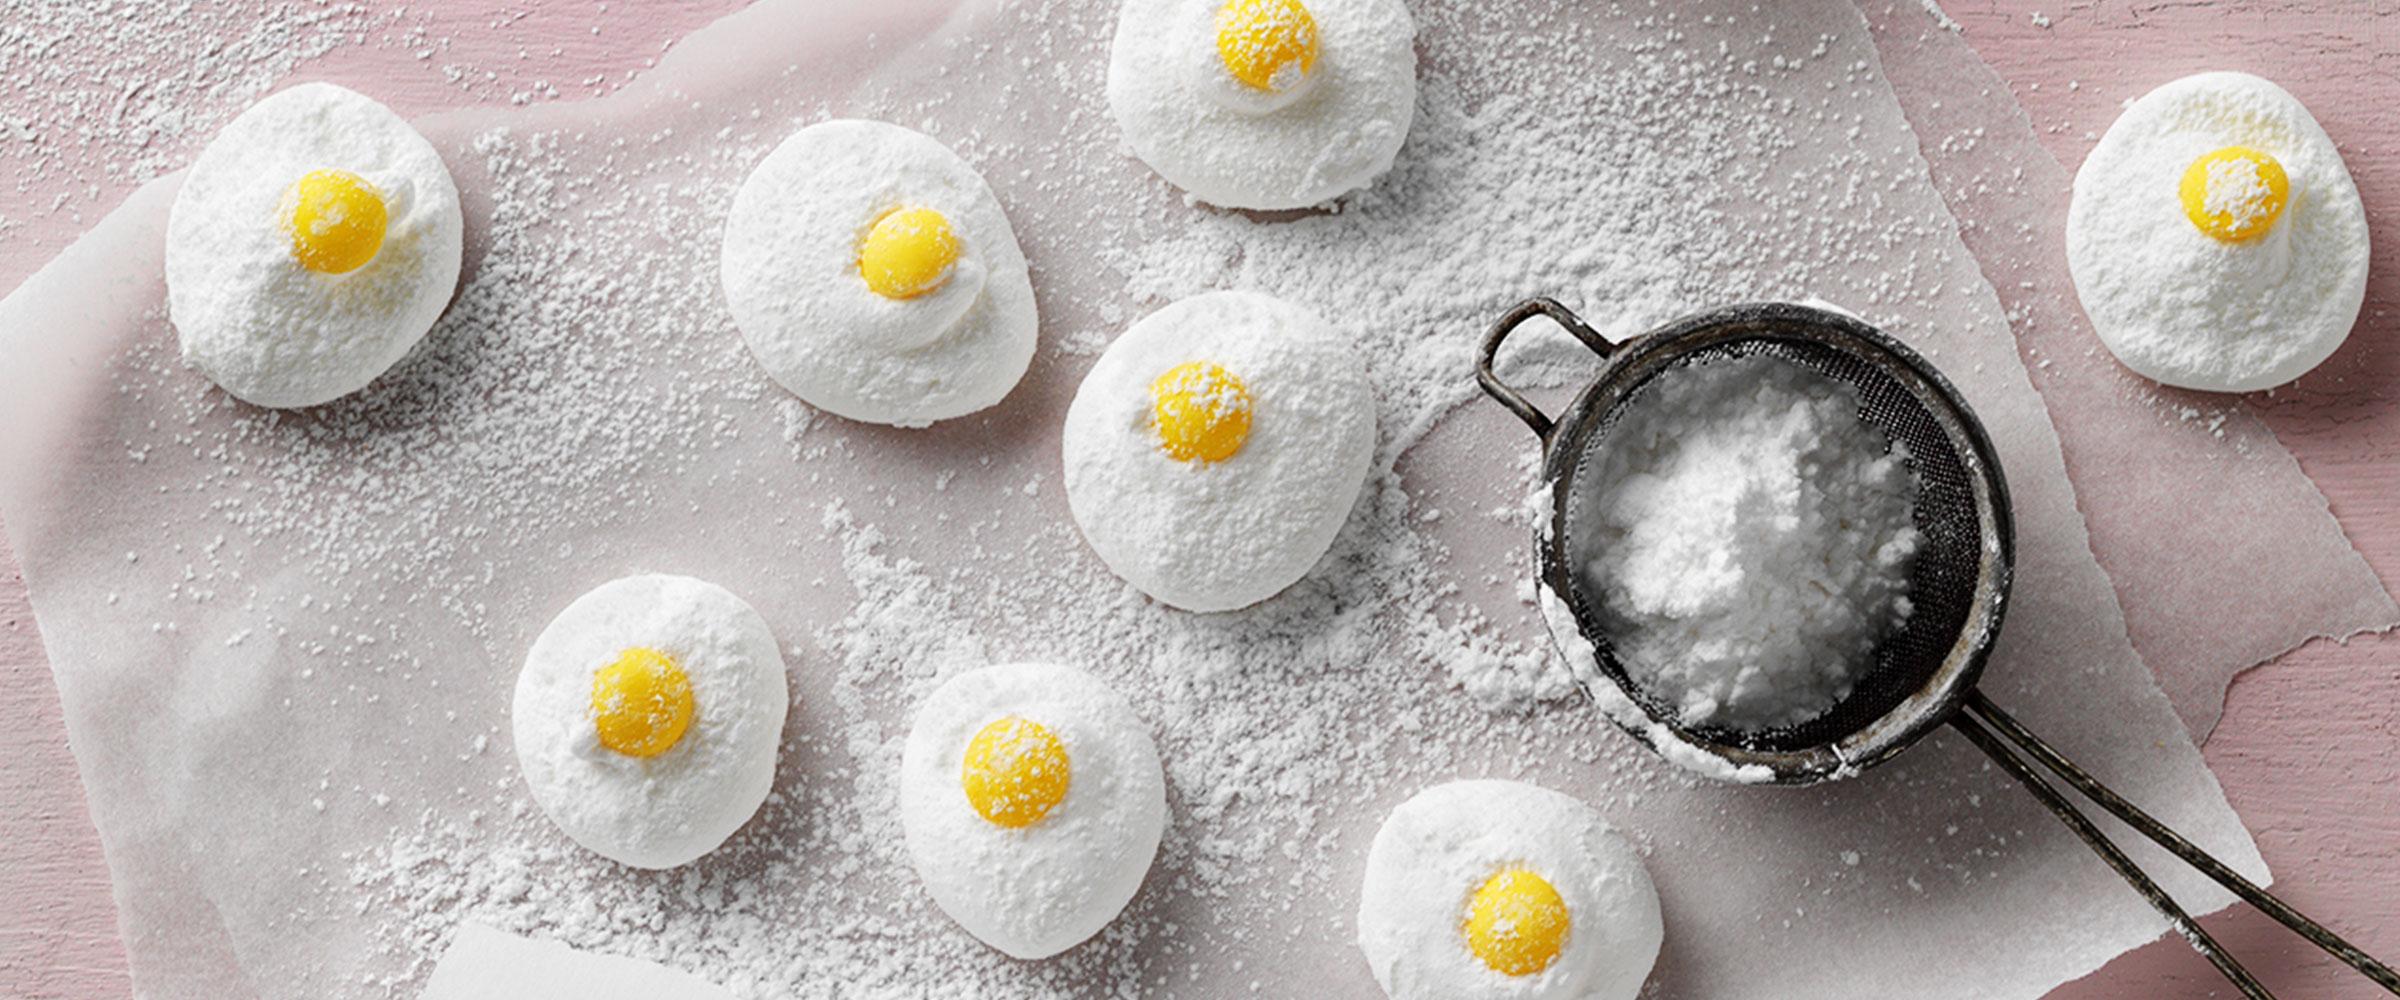 Påskgodis - Gör hemlagat godis till påsk